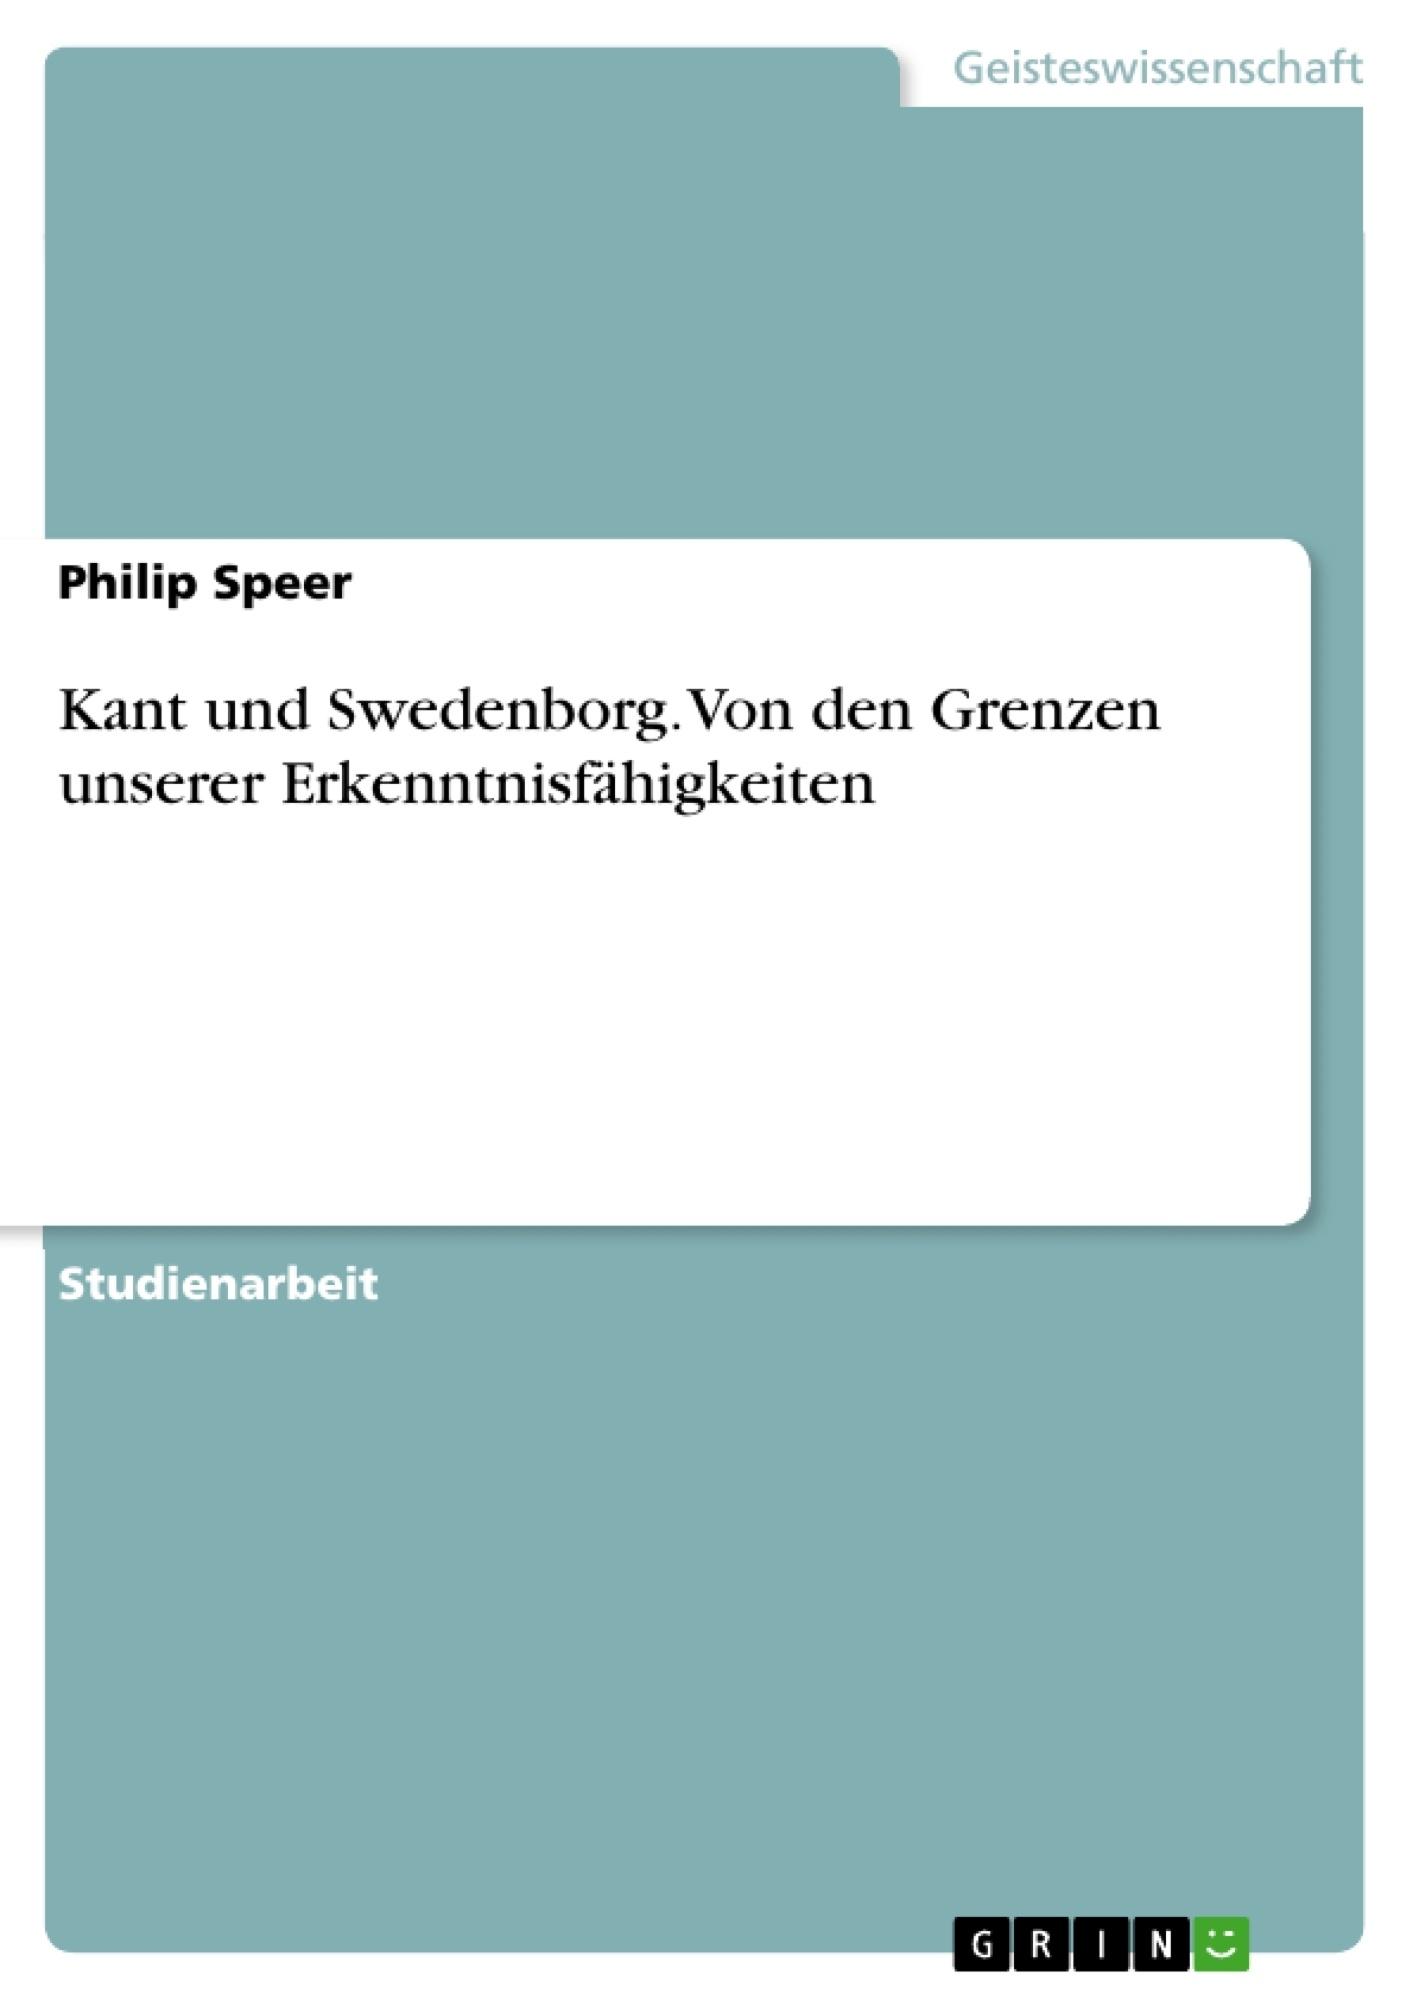 Titel: Kant und Swedenborg. Von den Grenzen unserer Erkenntnisfähigkeiten